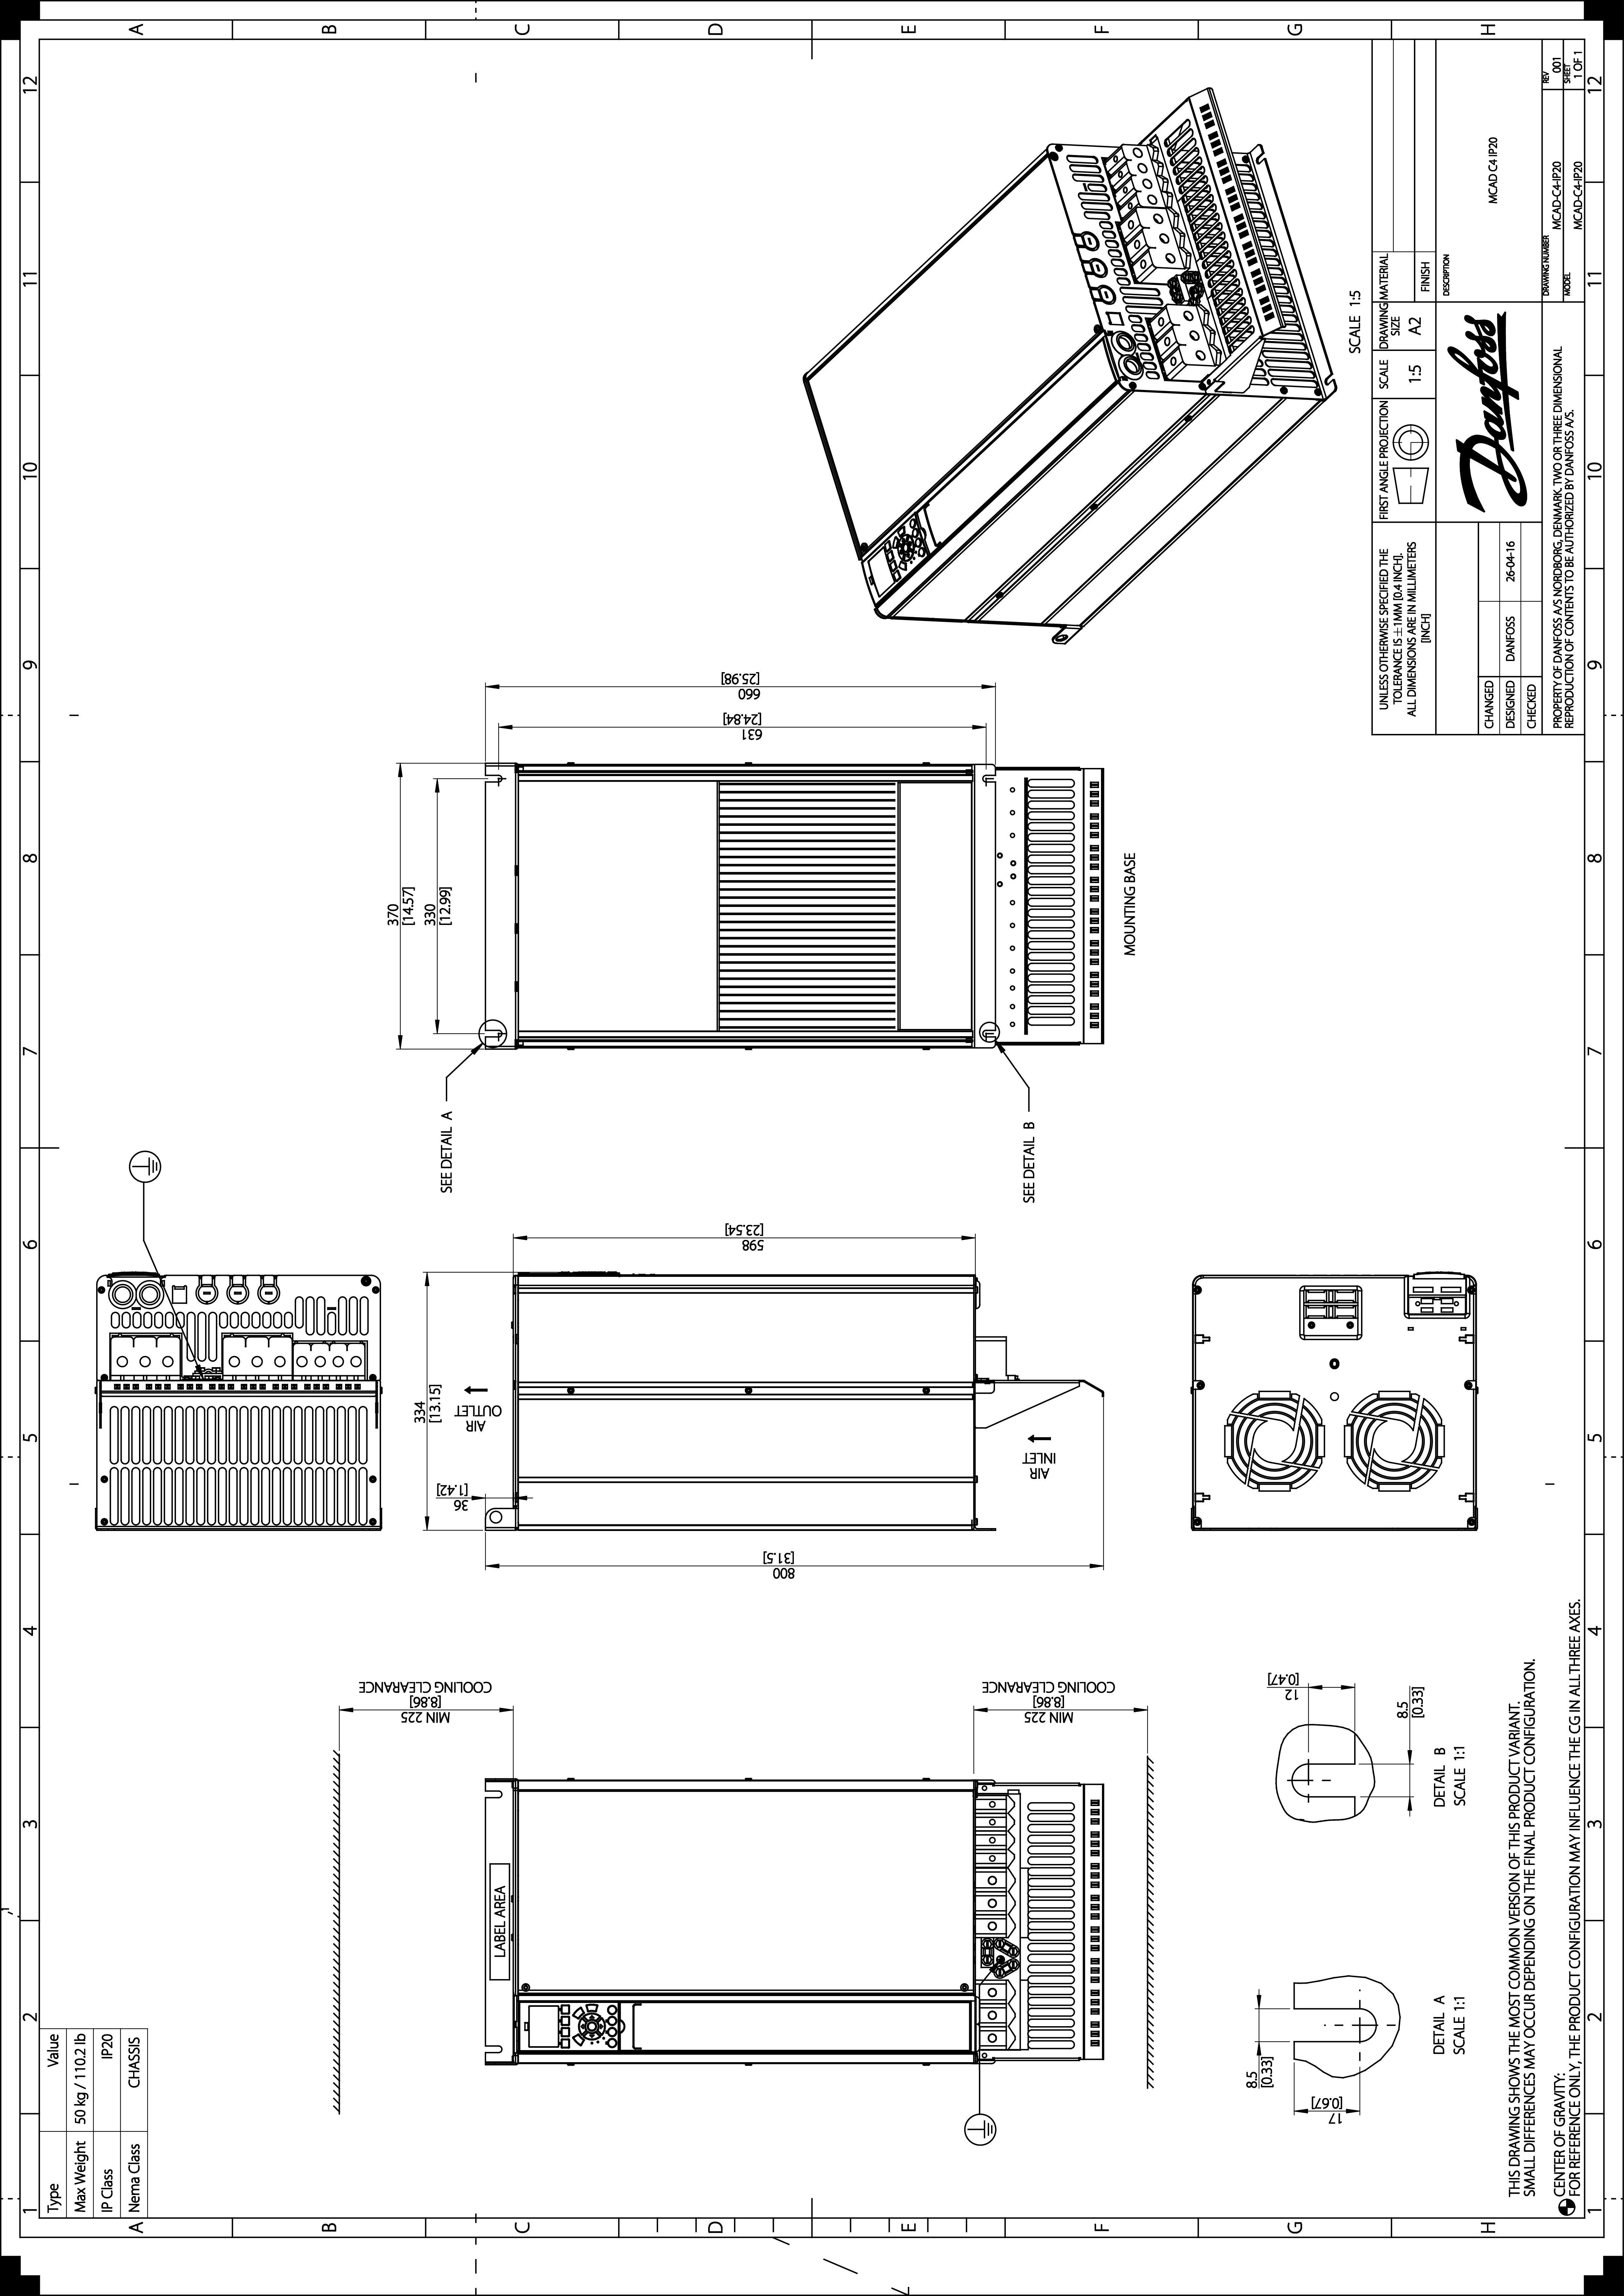 Lo 6881 Danfoss Heating Wiring Diagrams Danfoss Underfloor